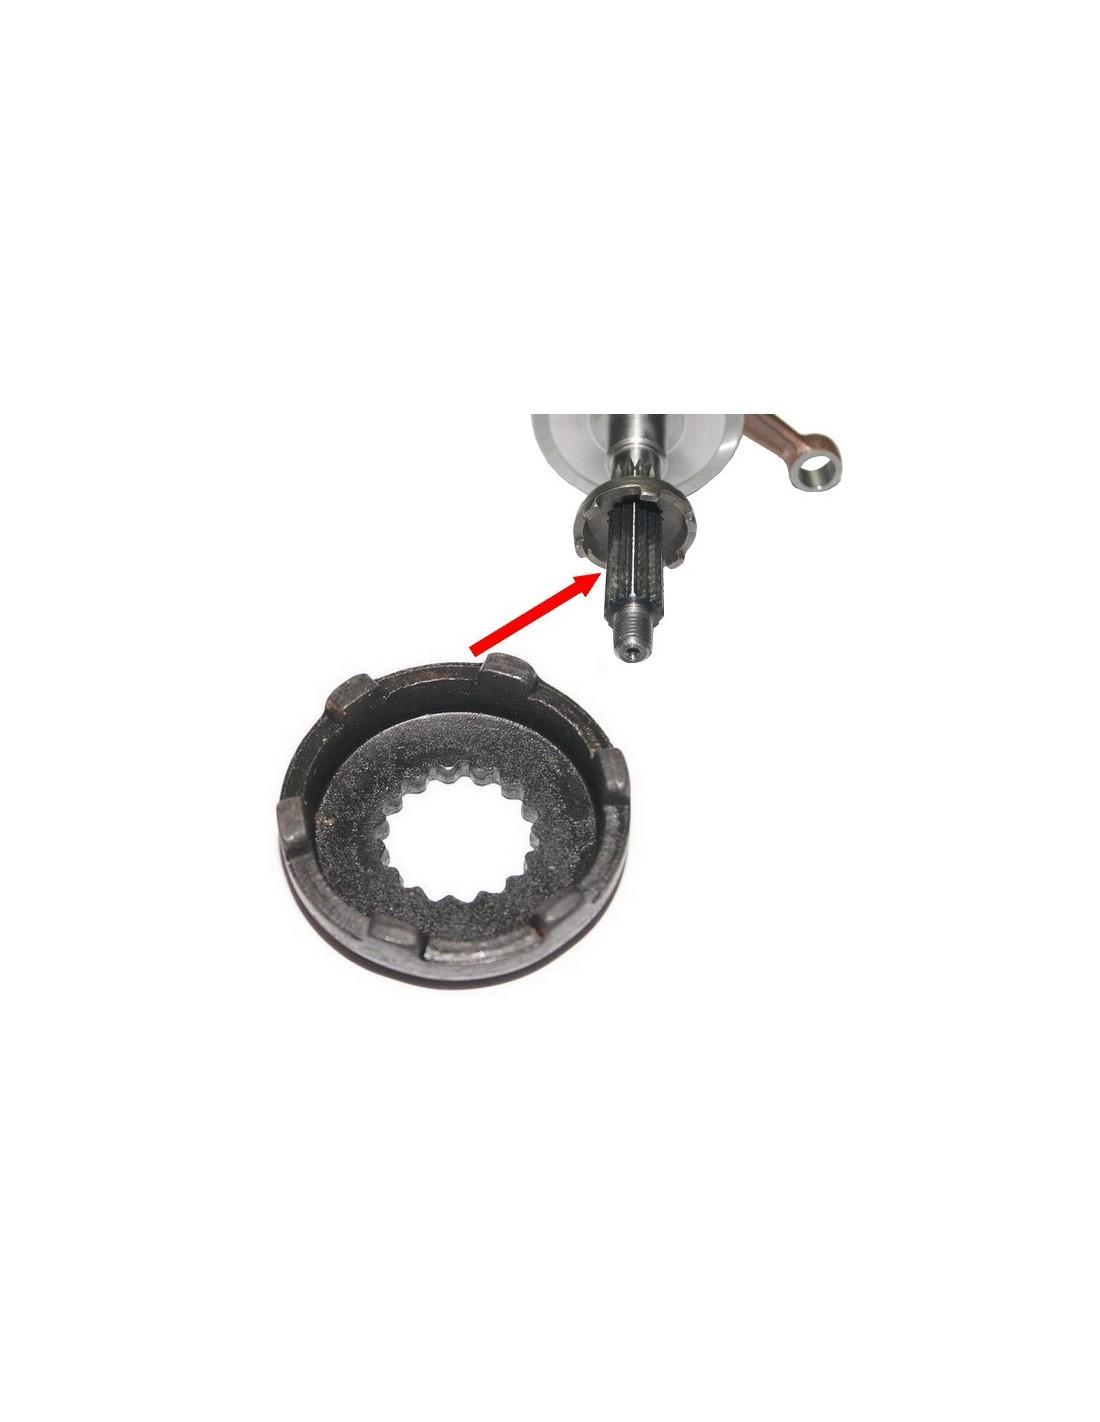 zębatka rozrusznika na czop walu 16mm ( 15 frezów )